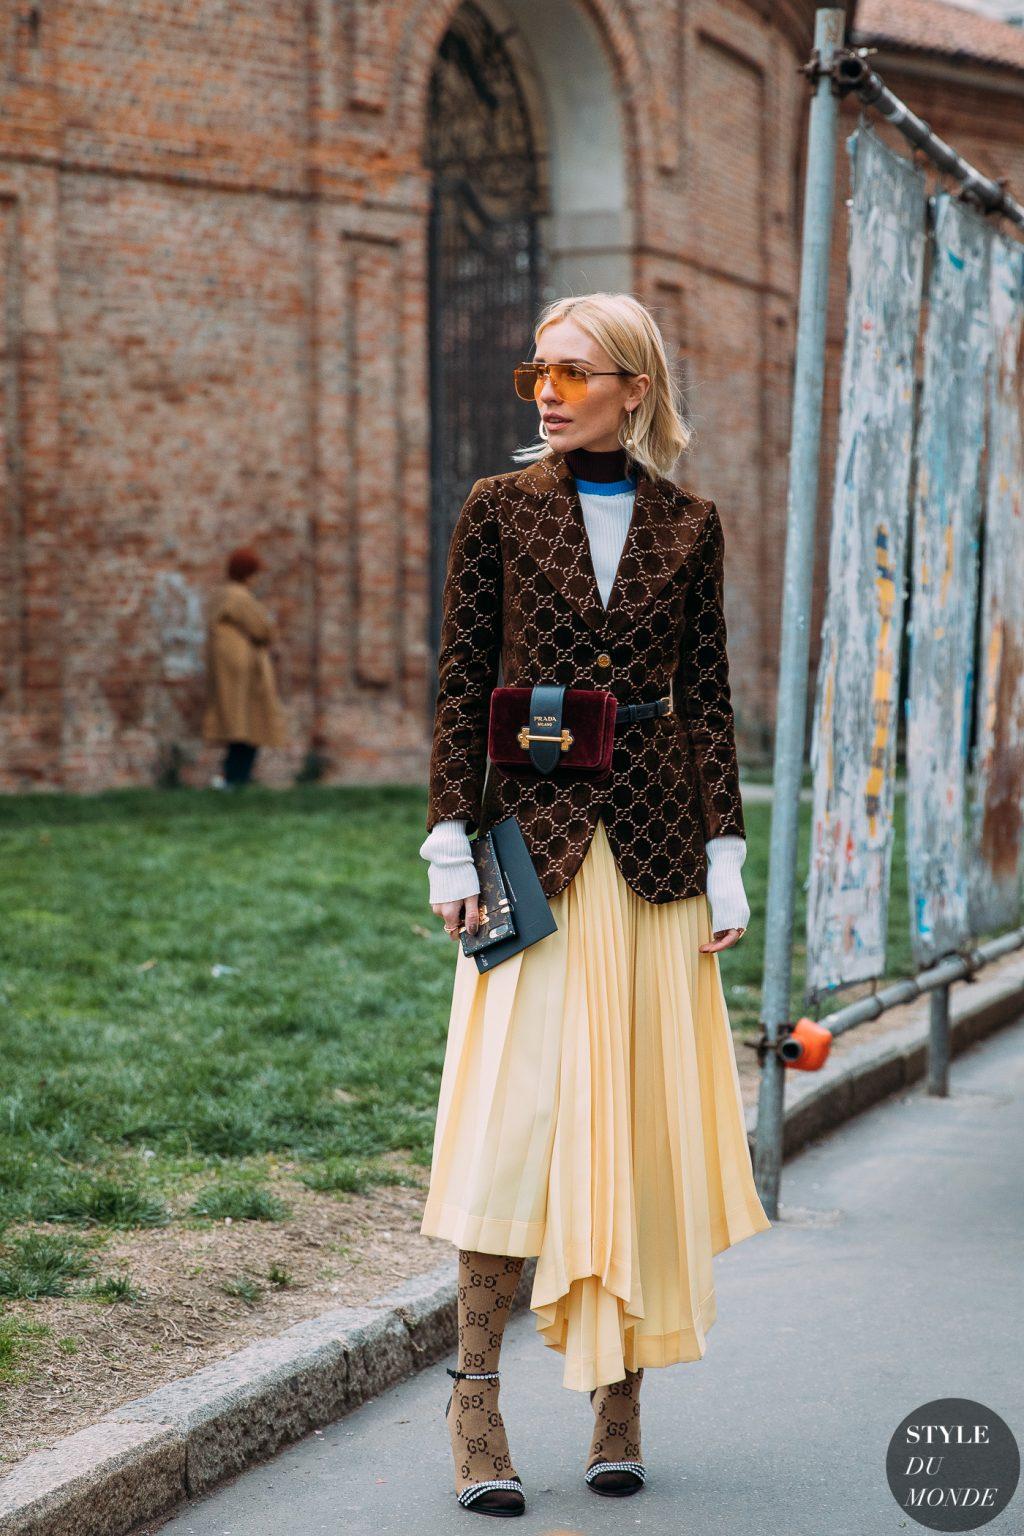 xu hướng thời trang 2019 6